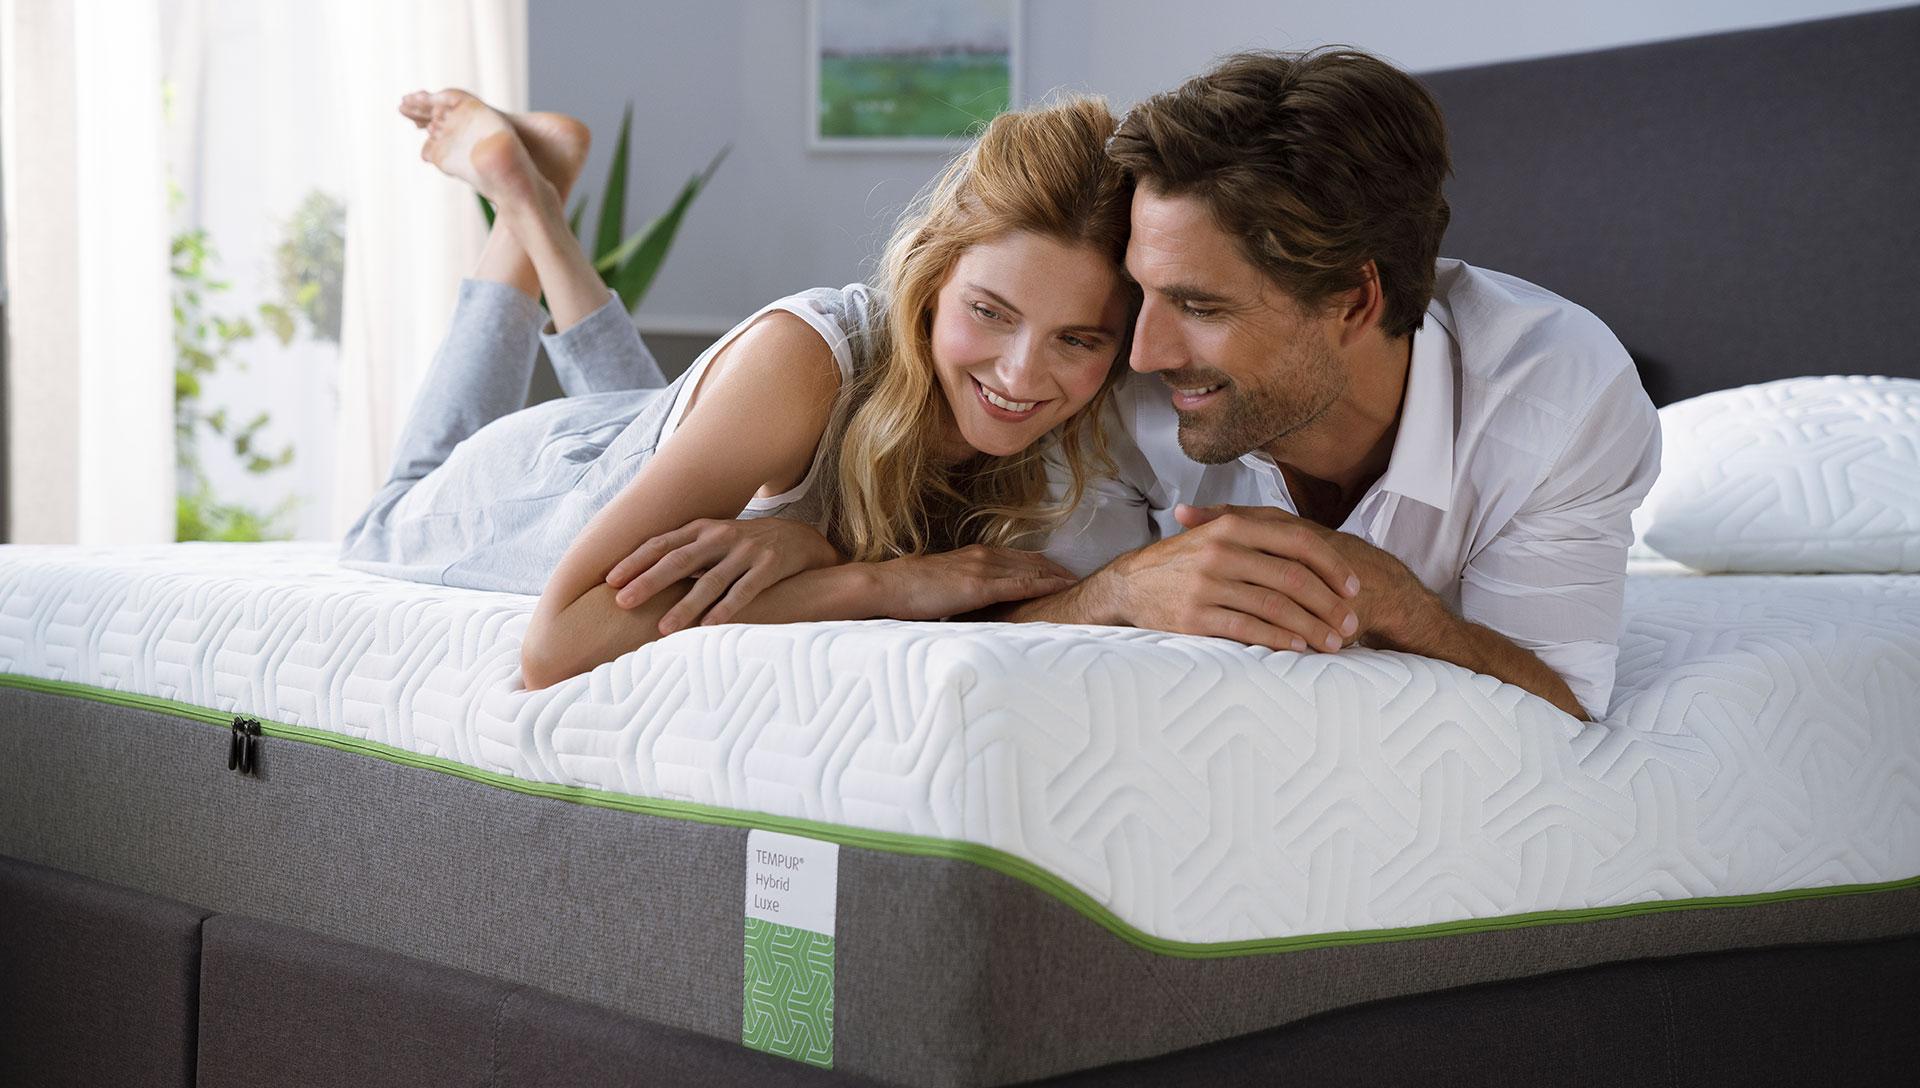 materassi-2-arredamenti-comodus-arredamenti-nicoletti-interni-interior-design-divani-complementi-arredo-mobili-design-accessori-matera